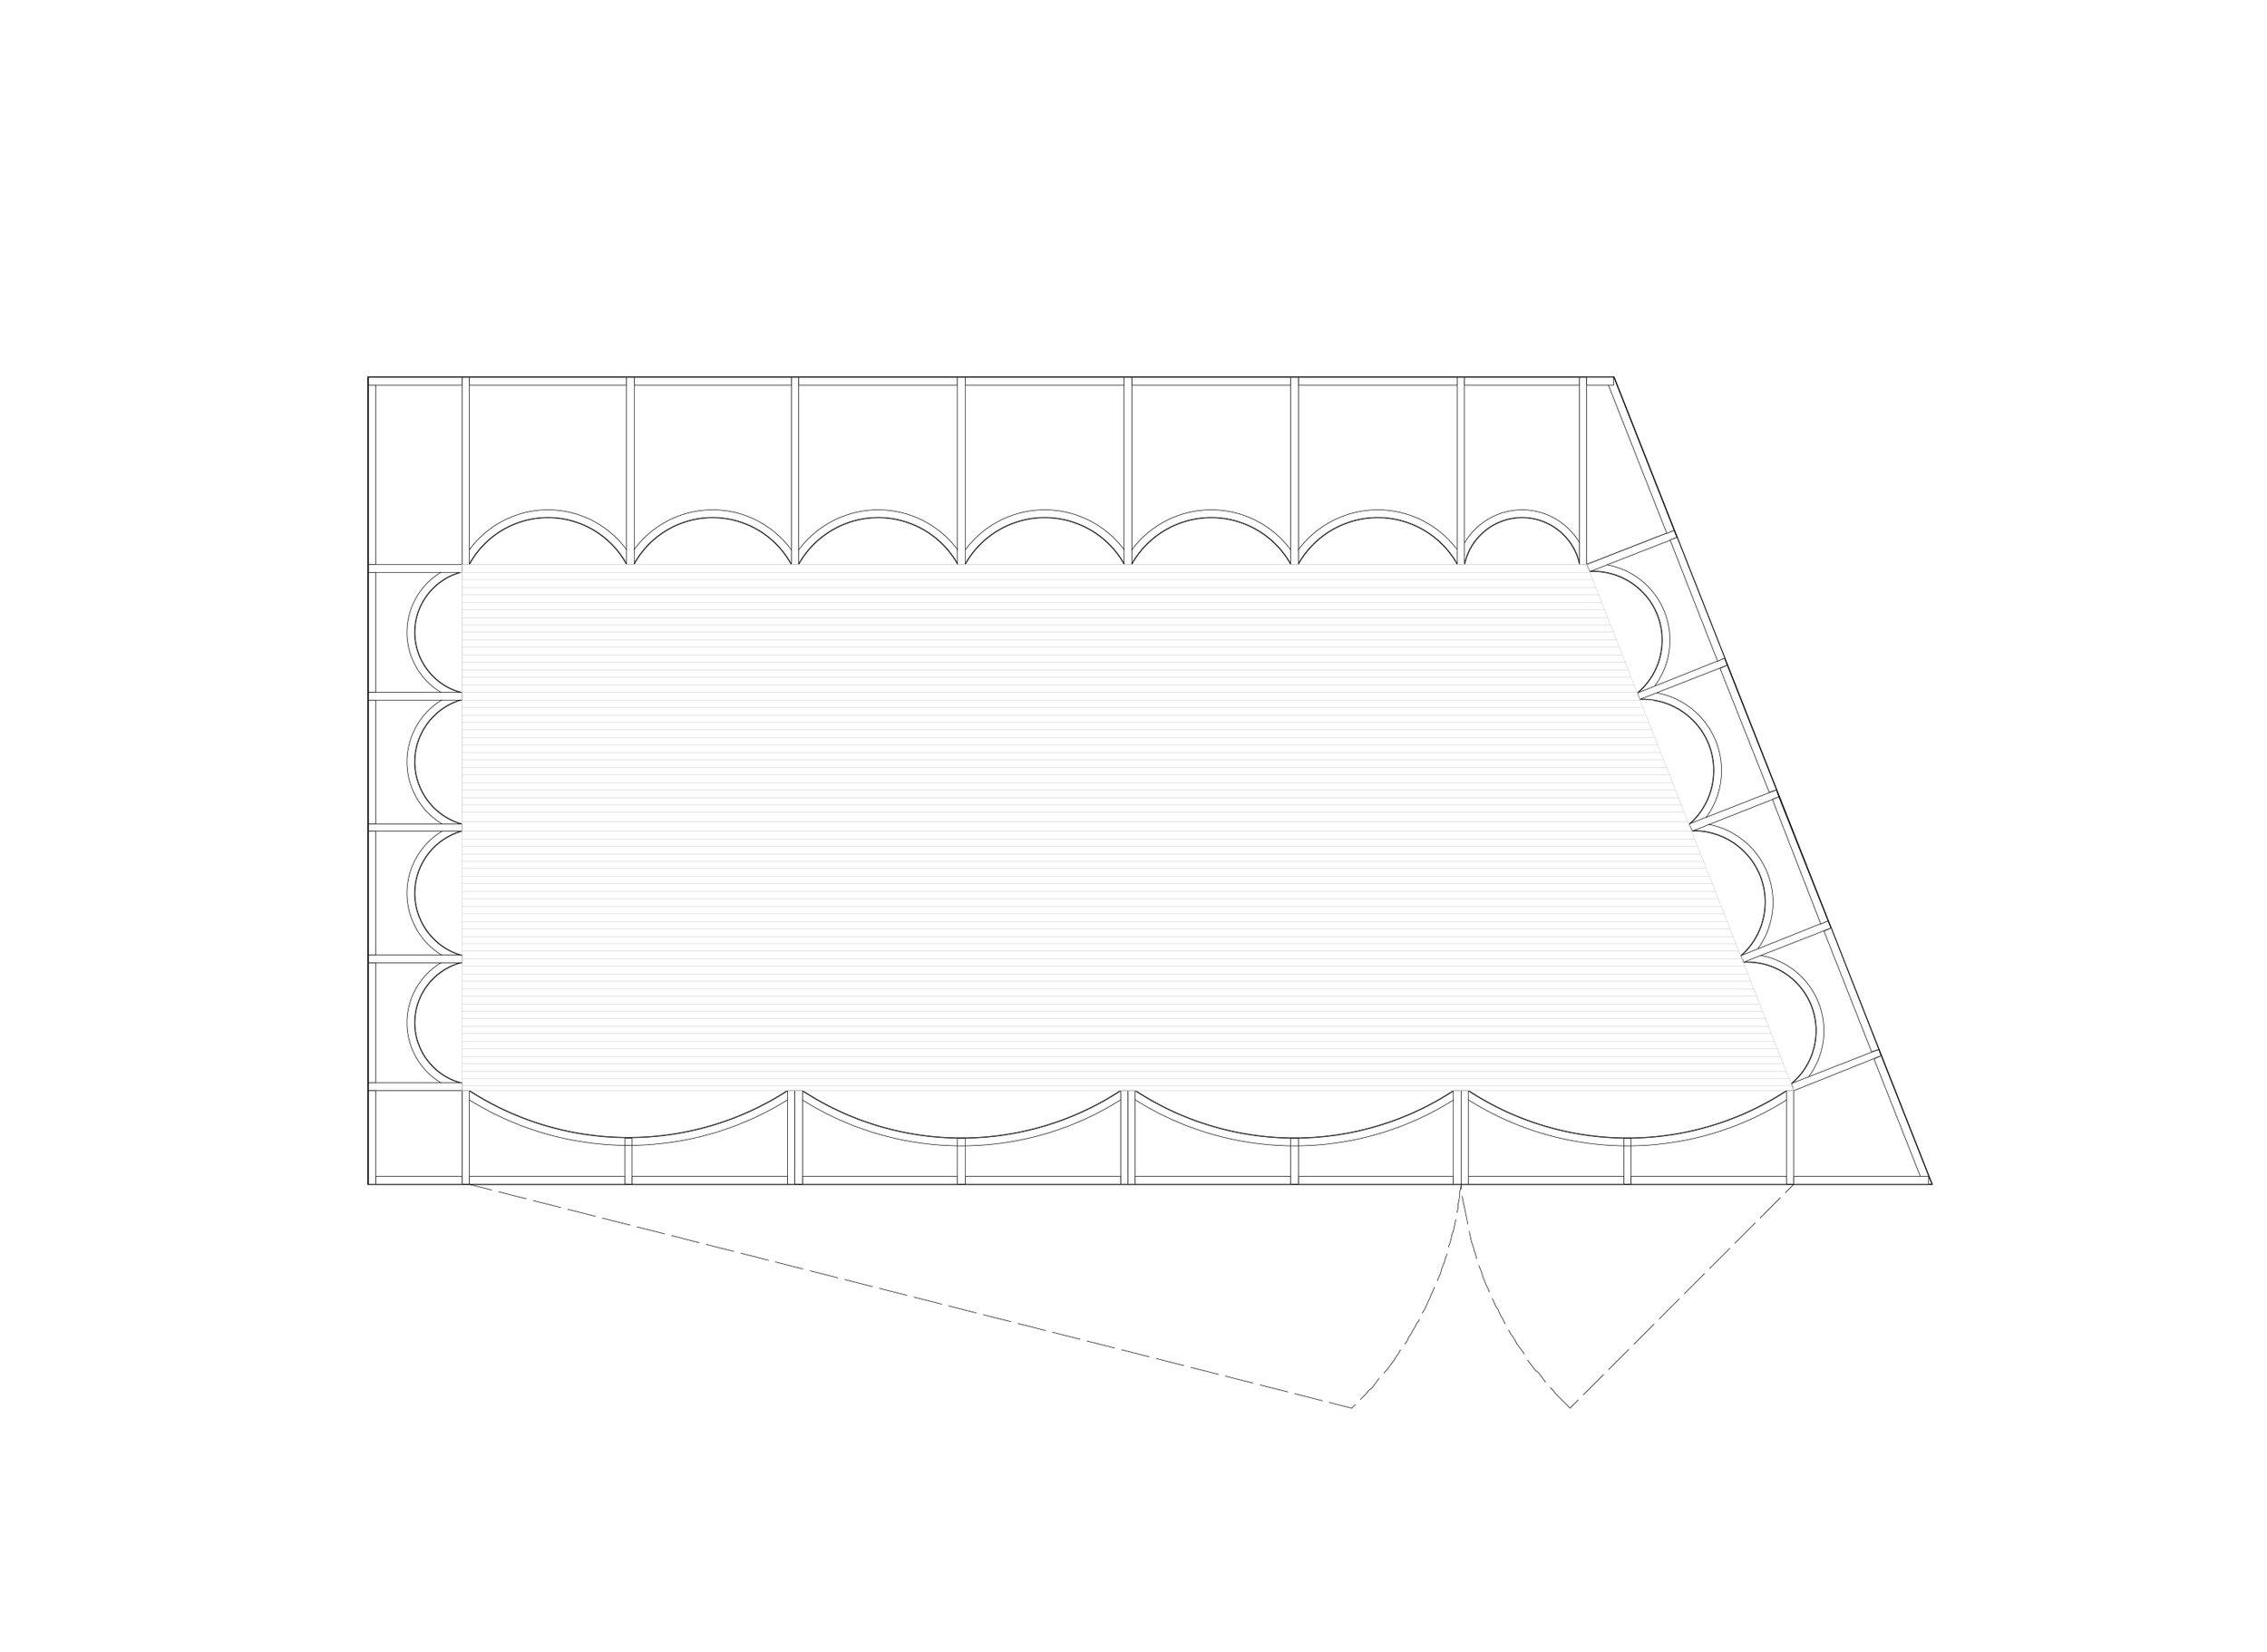 OBA_016_Proposed_Drawings_PLAN_1.50.jpg